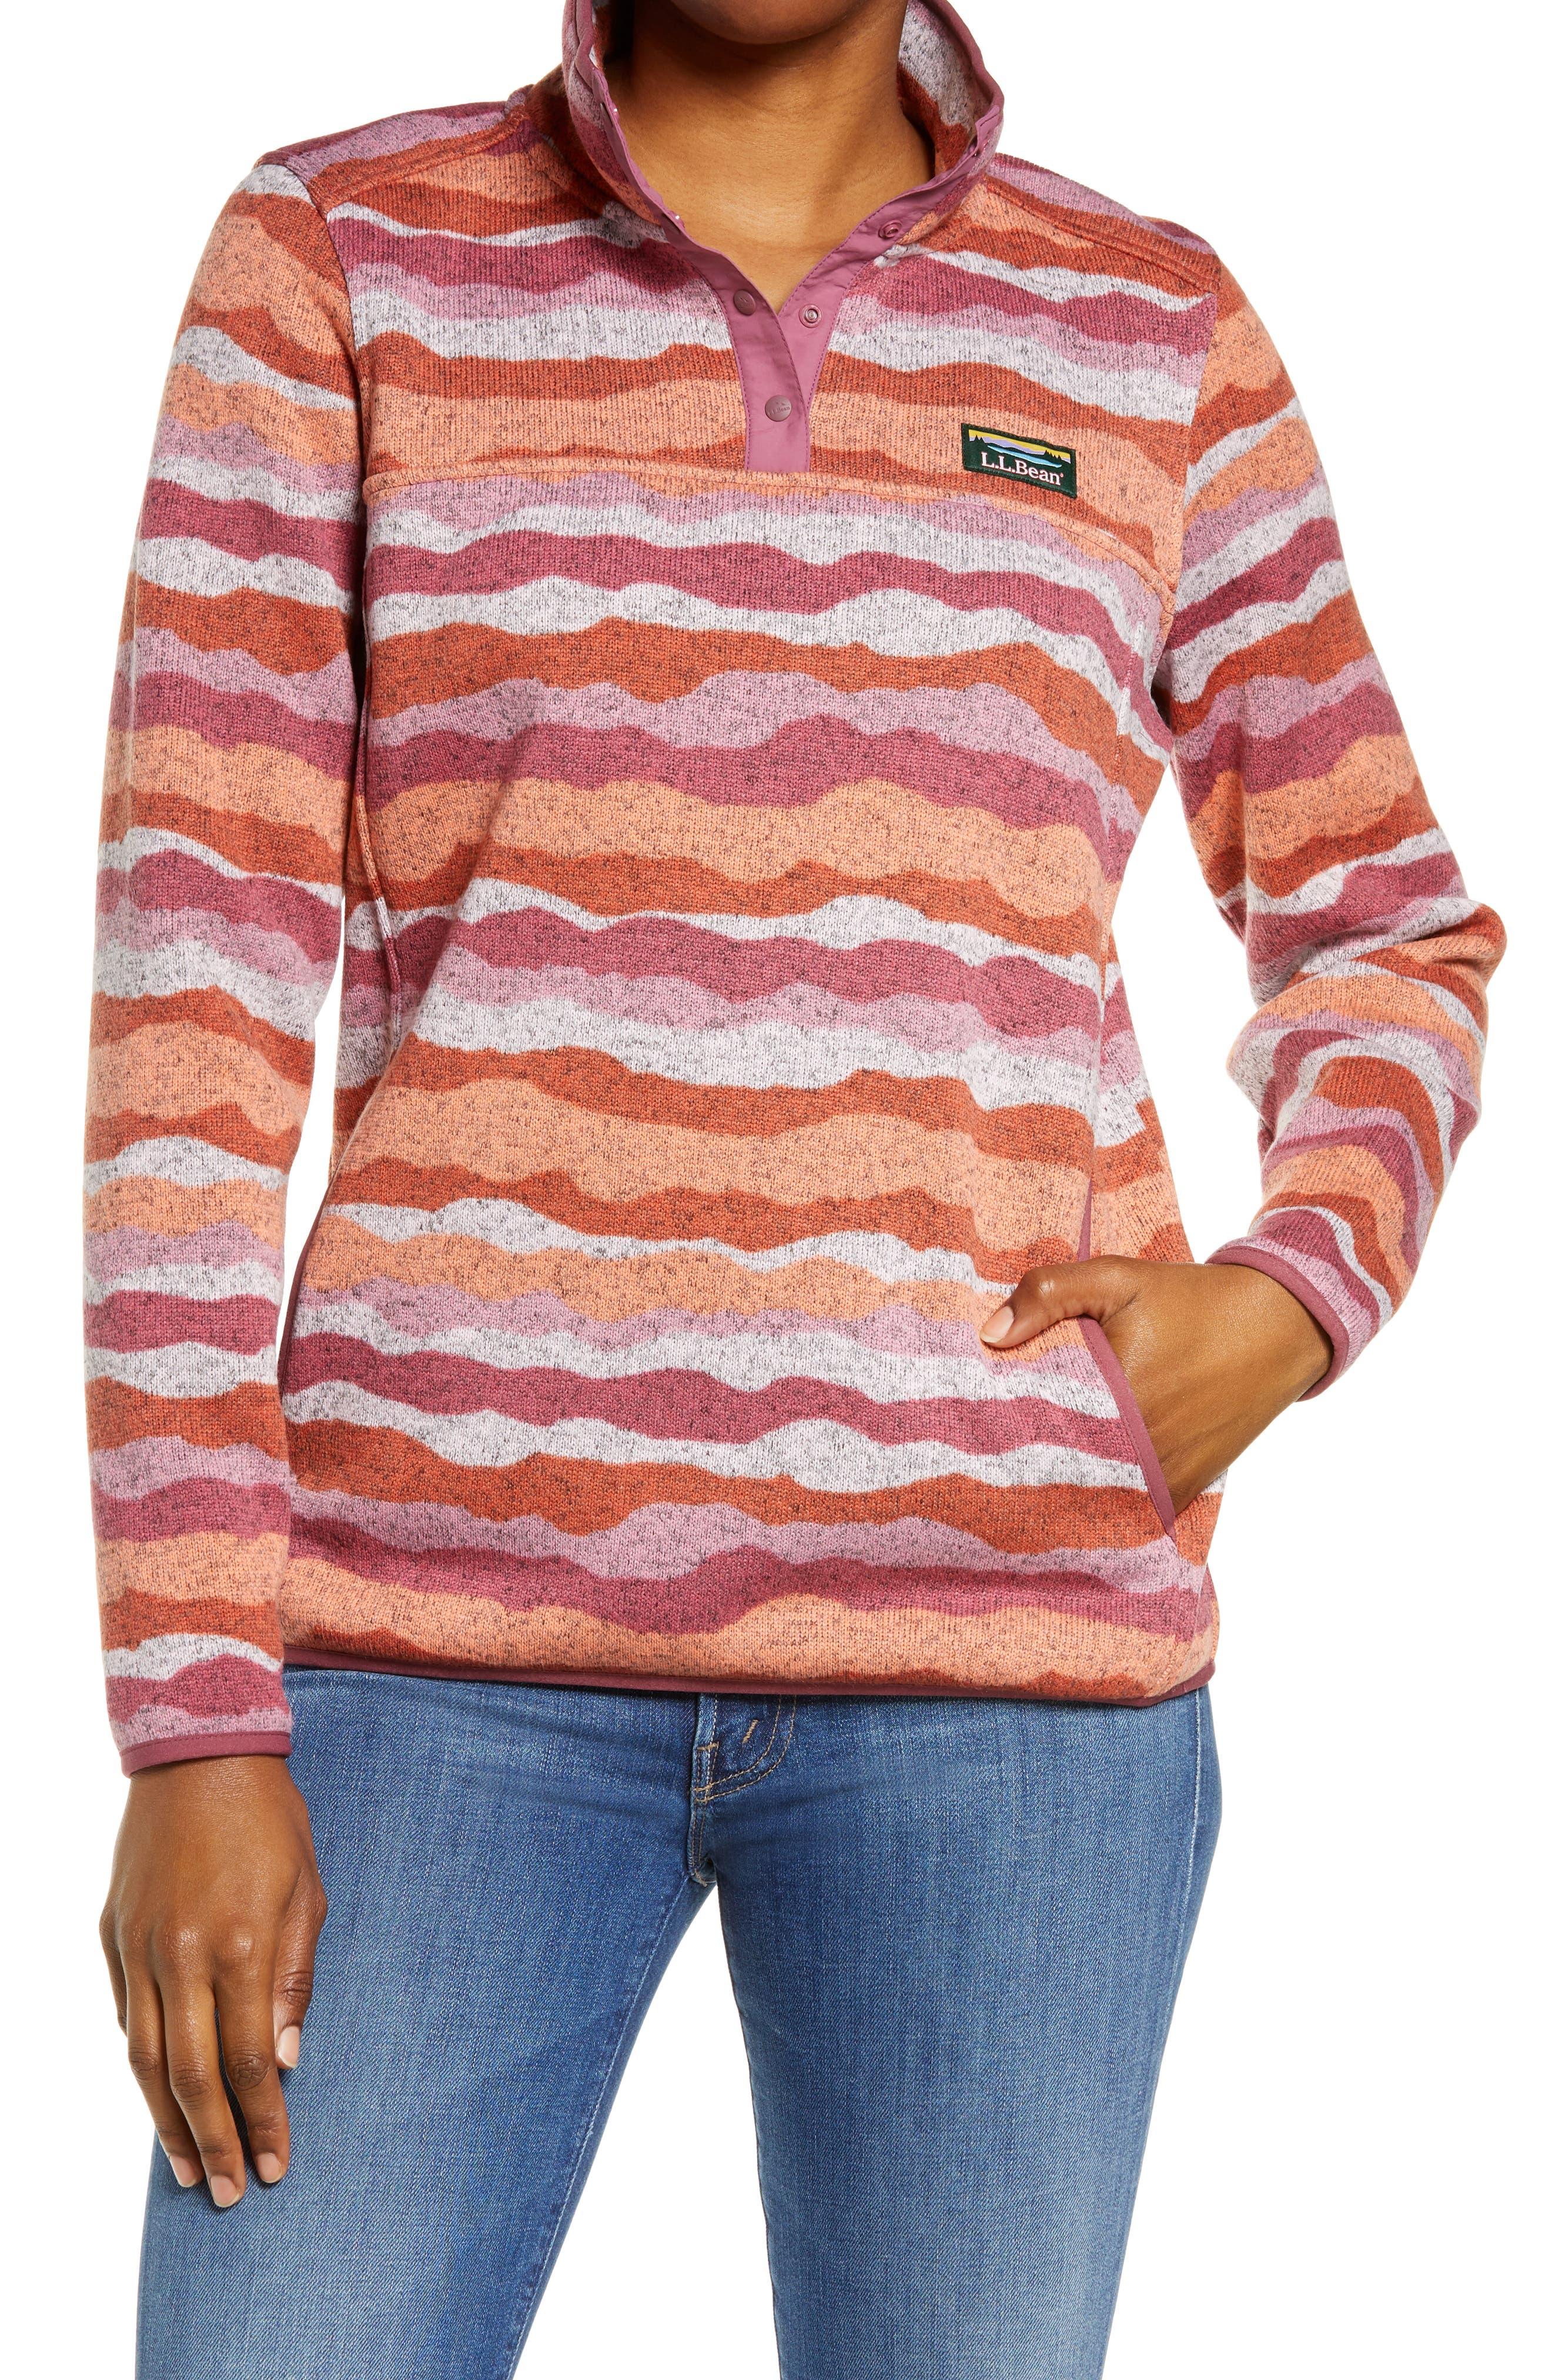 Pattern Sweater Fleece